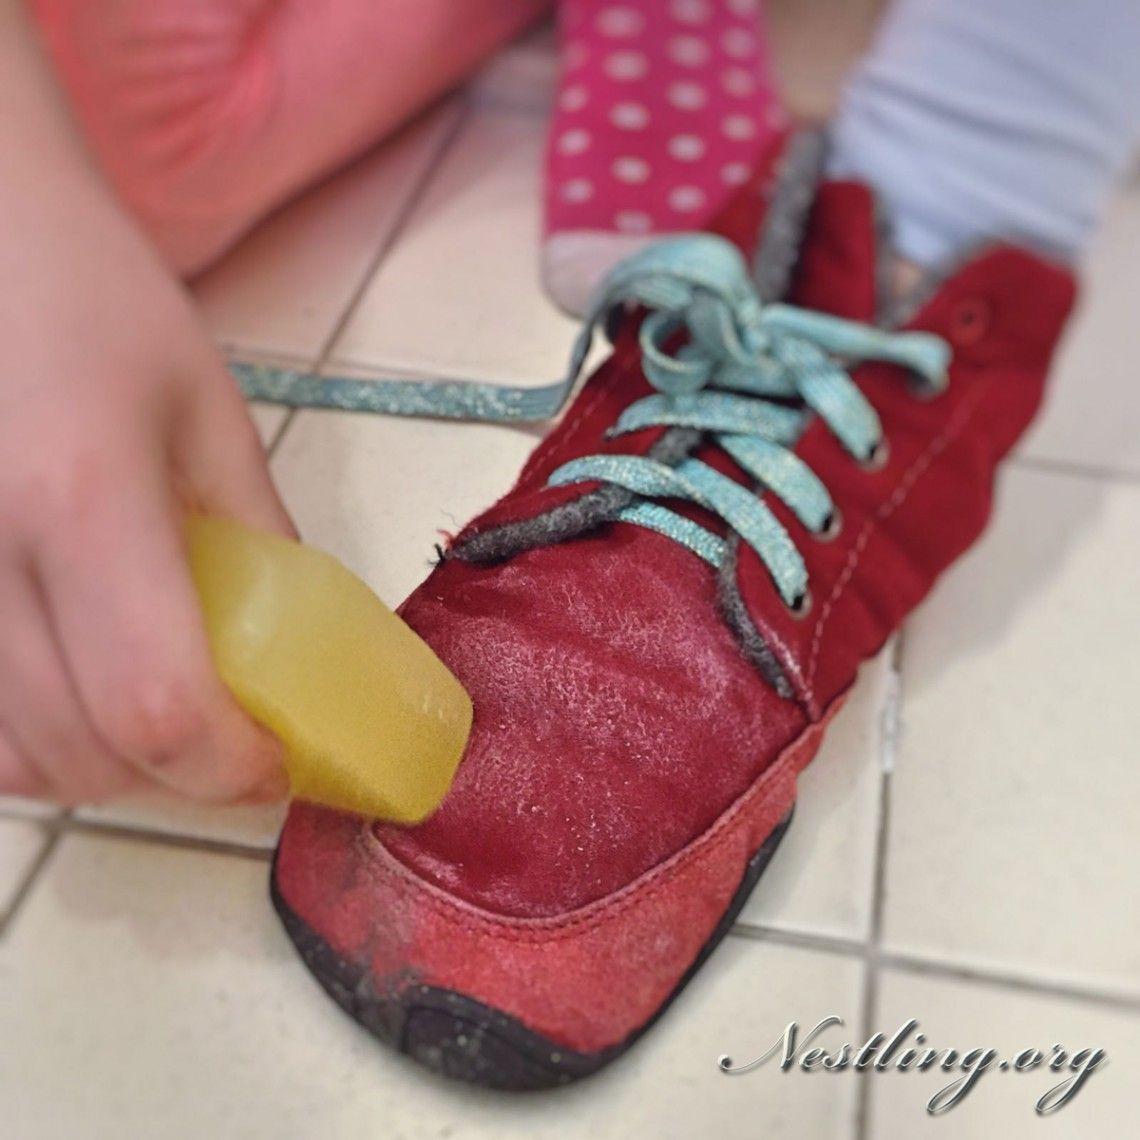 Socken Schuhe Mädchen Ausziehen Schultheater